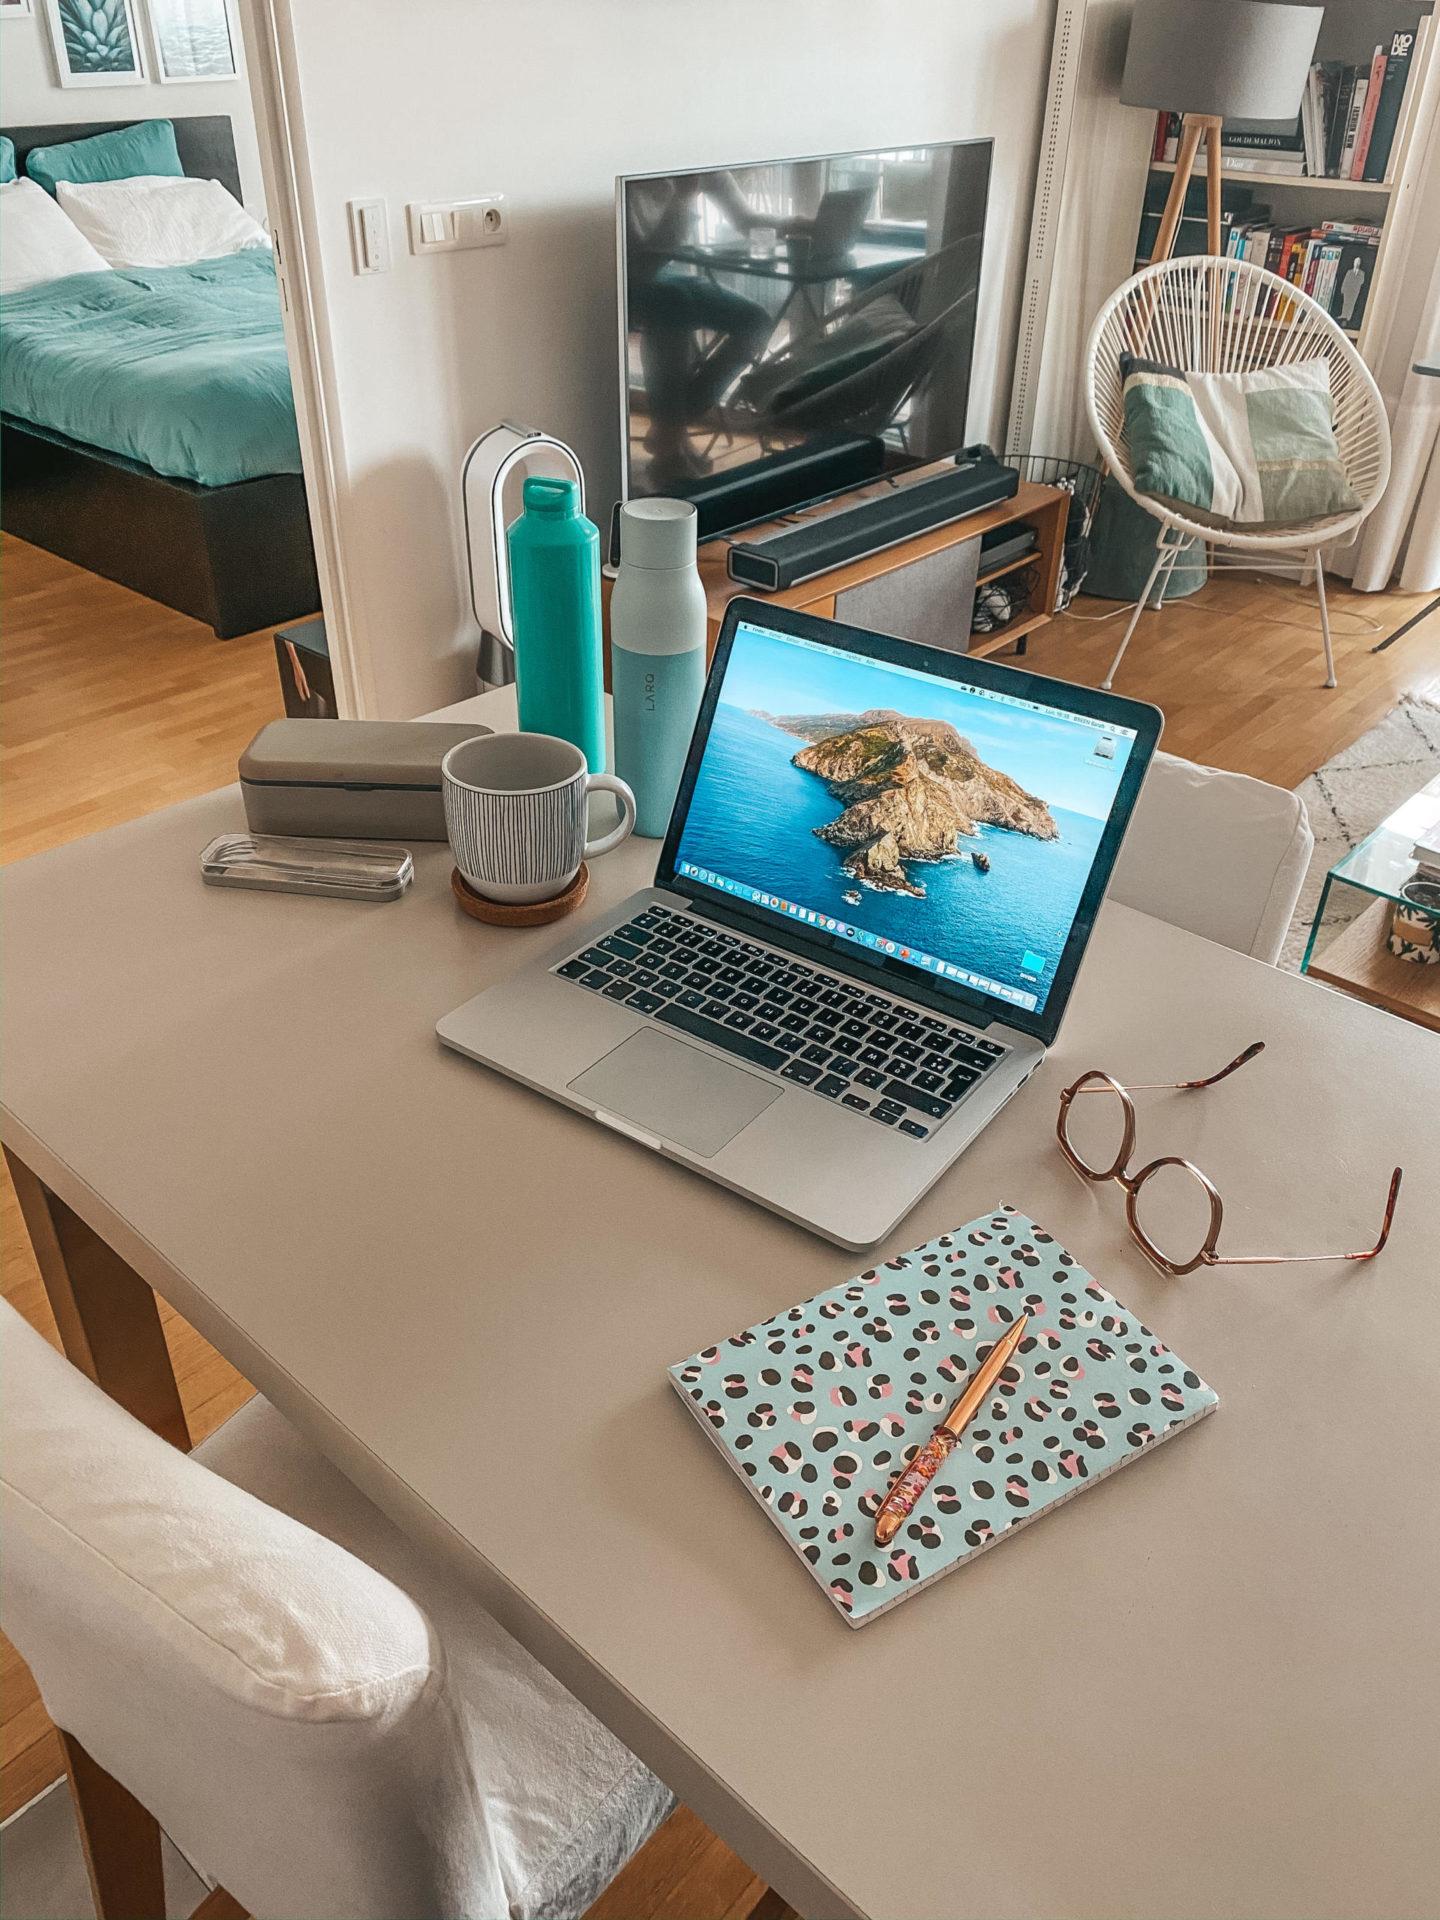 Zéro Déchet : Mes 5 astuces à adopter facilement au bureau